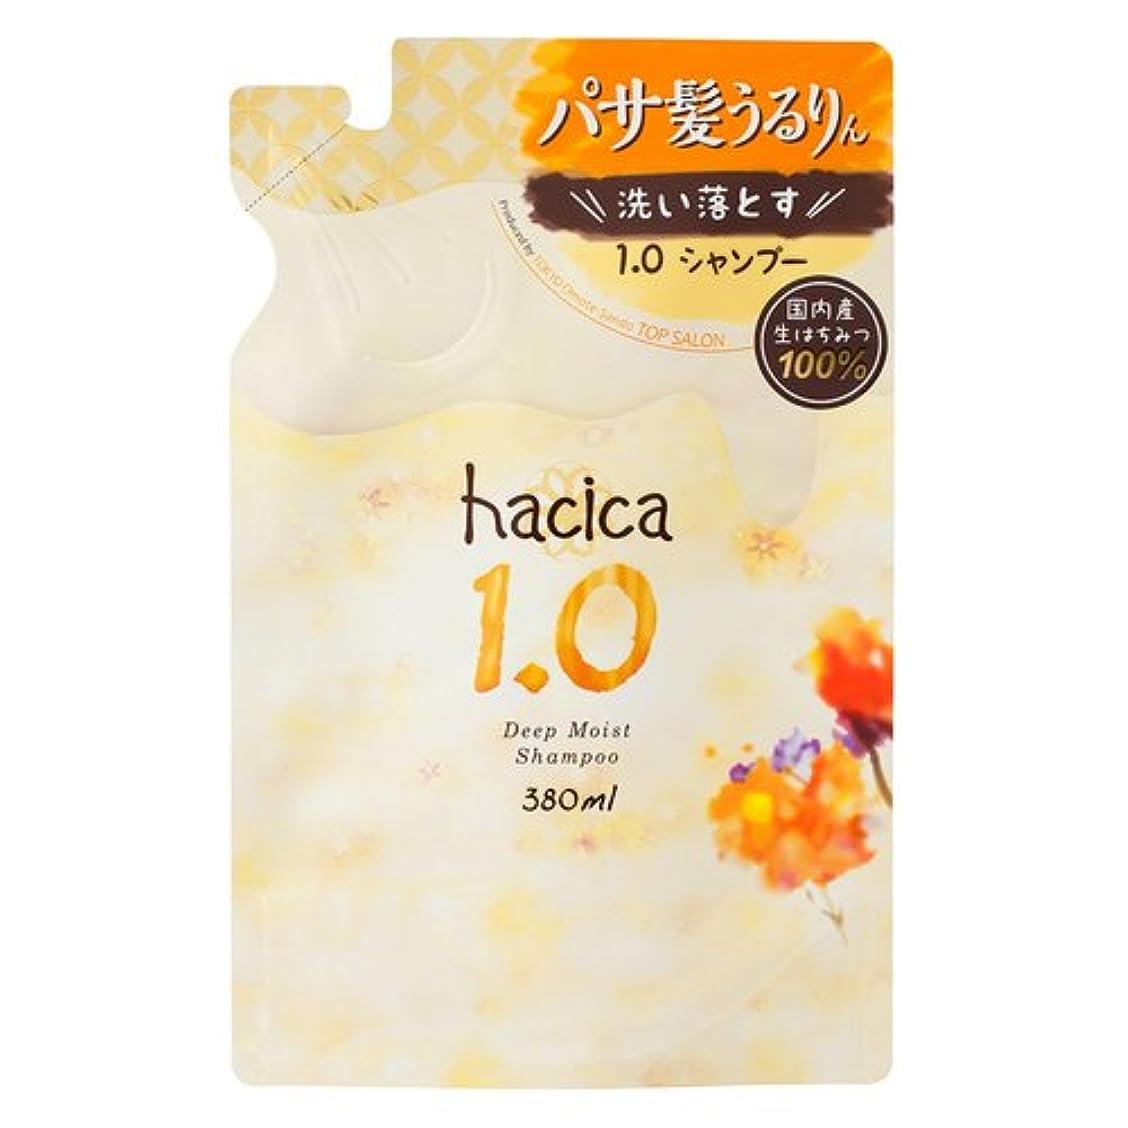 ハチカ ディープモイスト シャンプー1.0 詰替 380ml